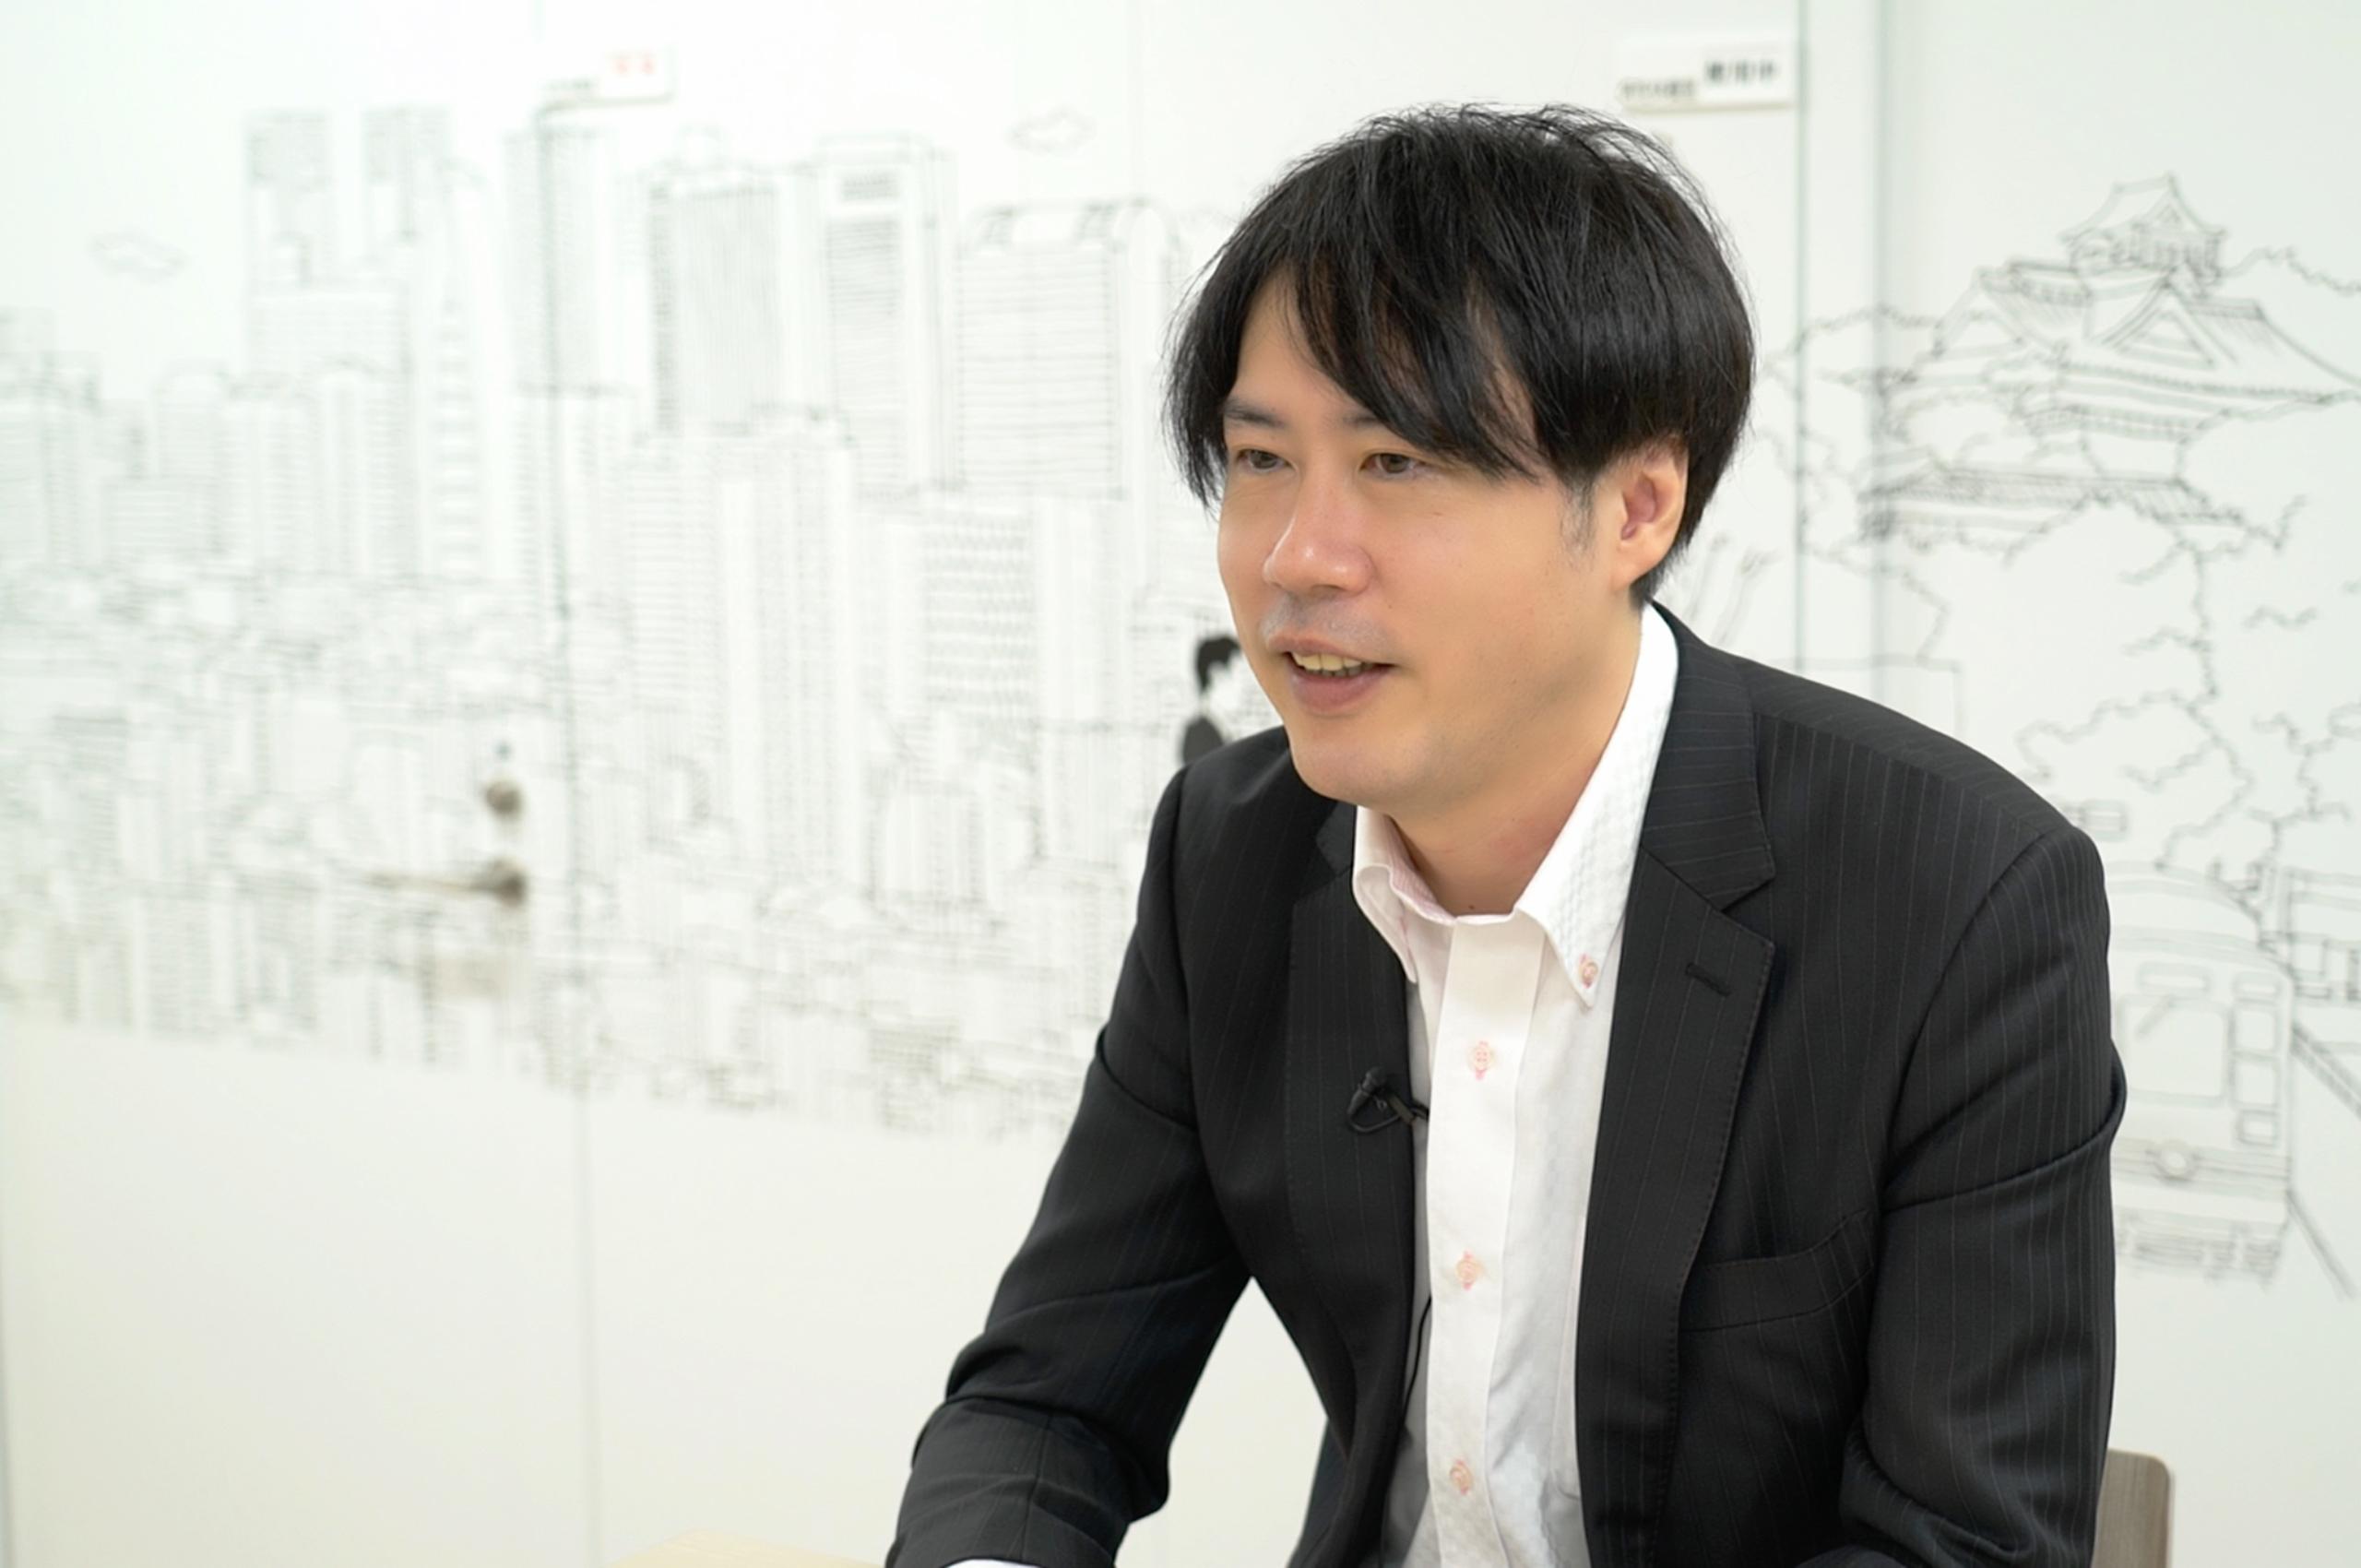 本田さん,インタビュー中